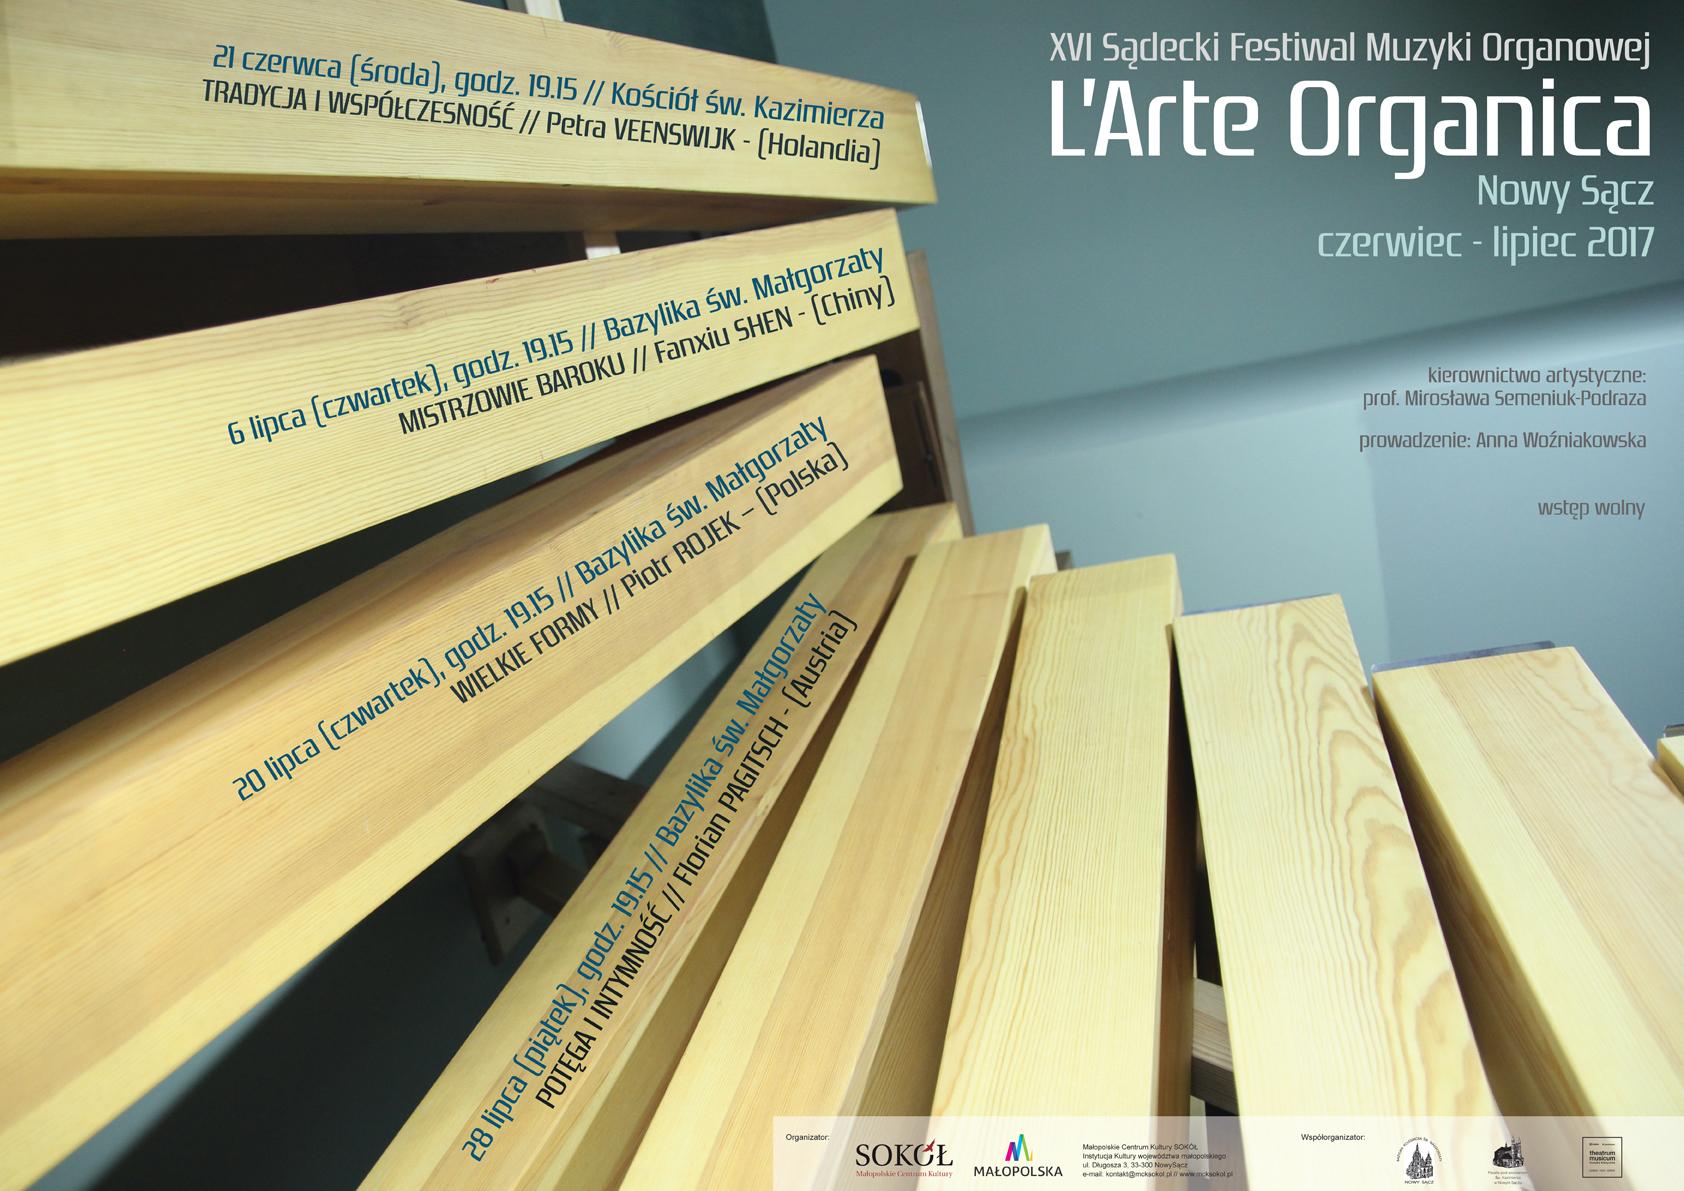 XVI Sądecki Festiwal Muzyki Organowej L'Arte Organica (źródło: materiały prasowe organizatora)